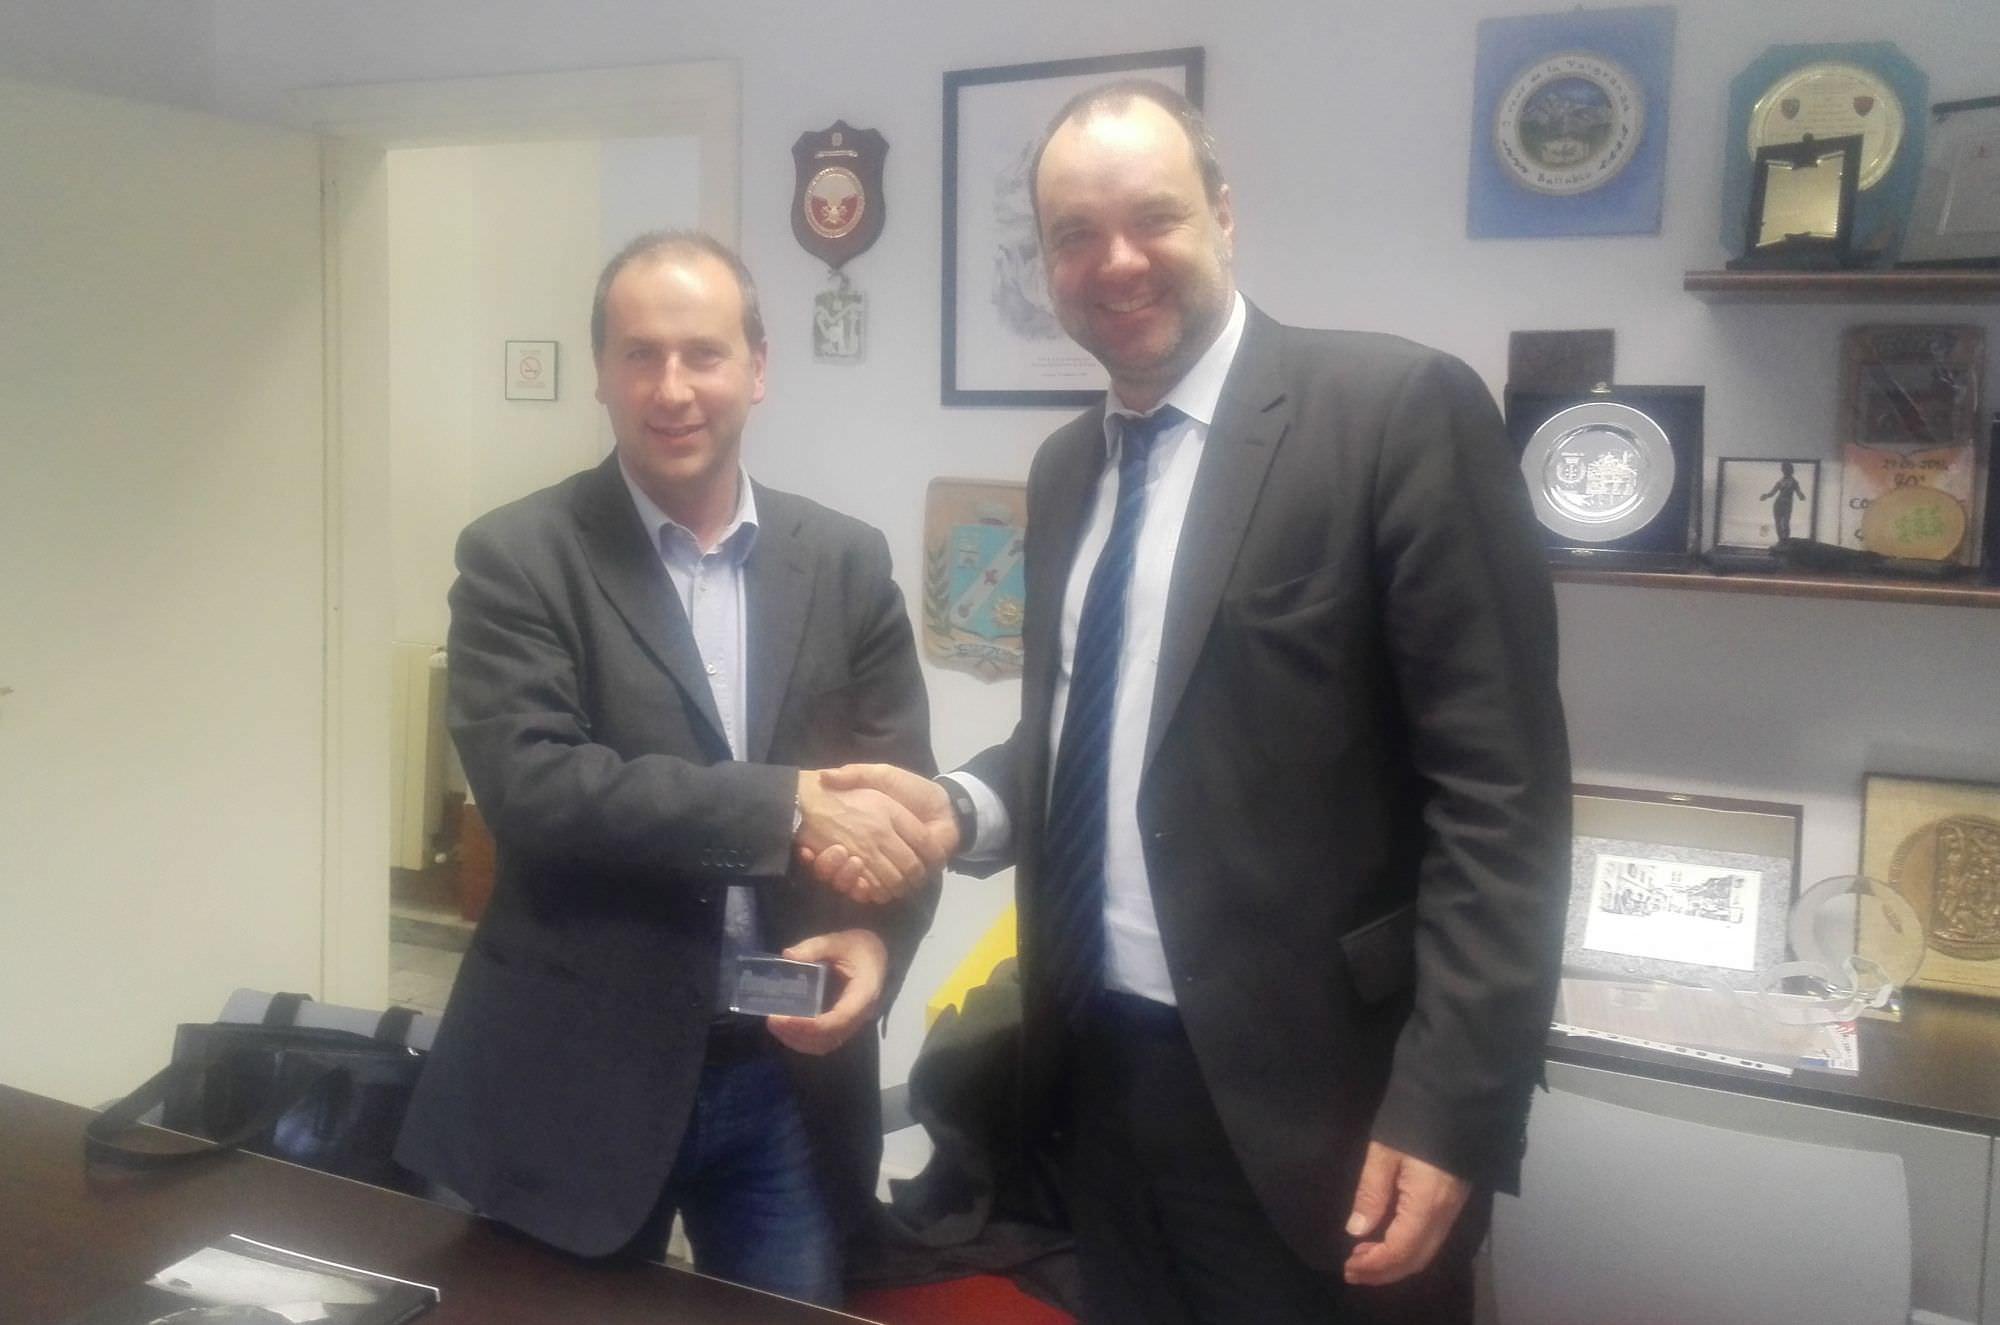 Il Sindaco di Stazzema Maurizio Verona accoglie il deputato del Parlamento tedesco Matthias Schmidt